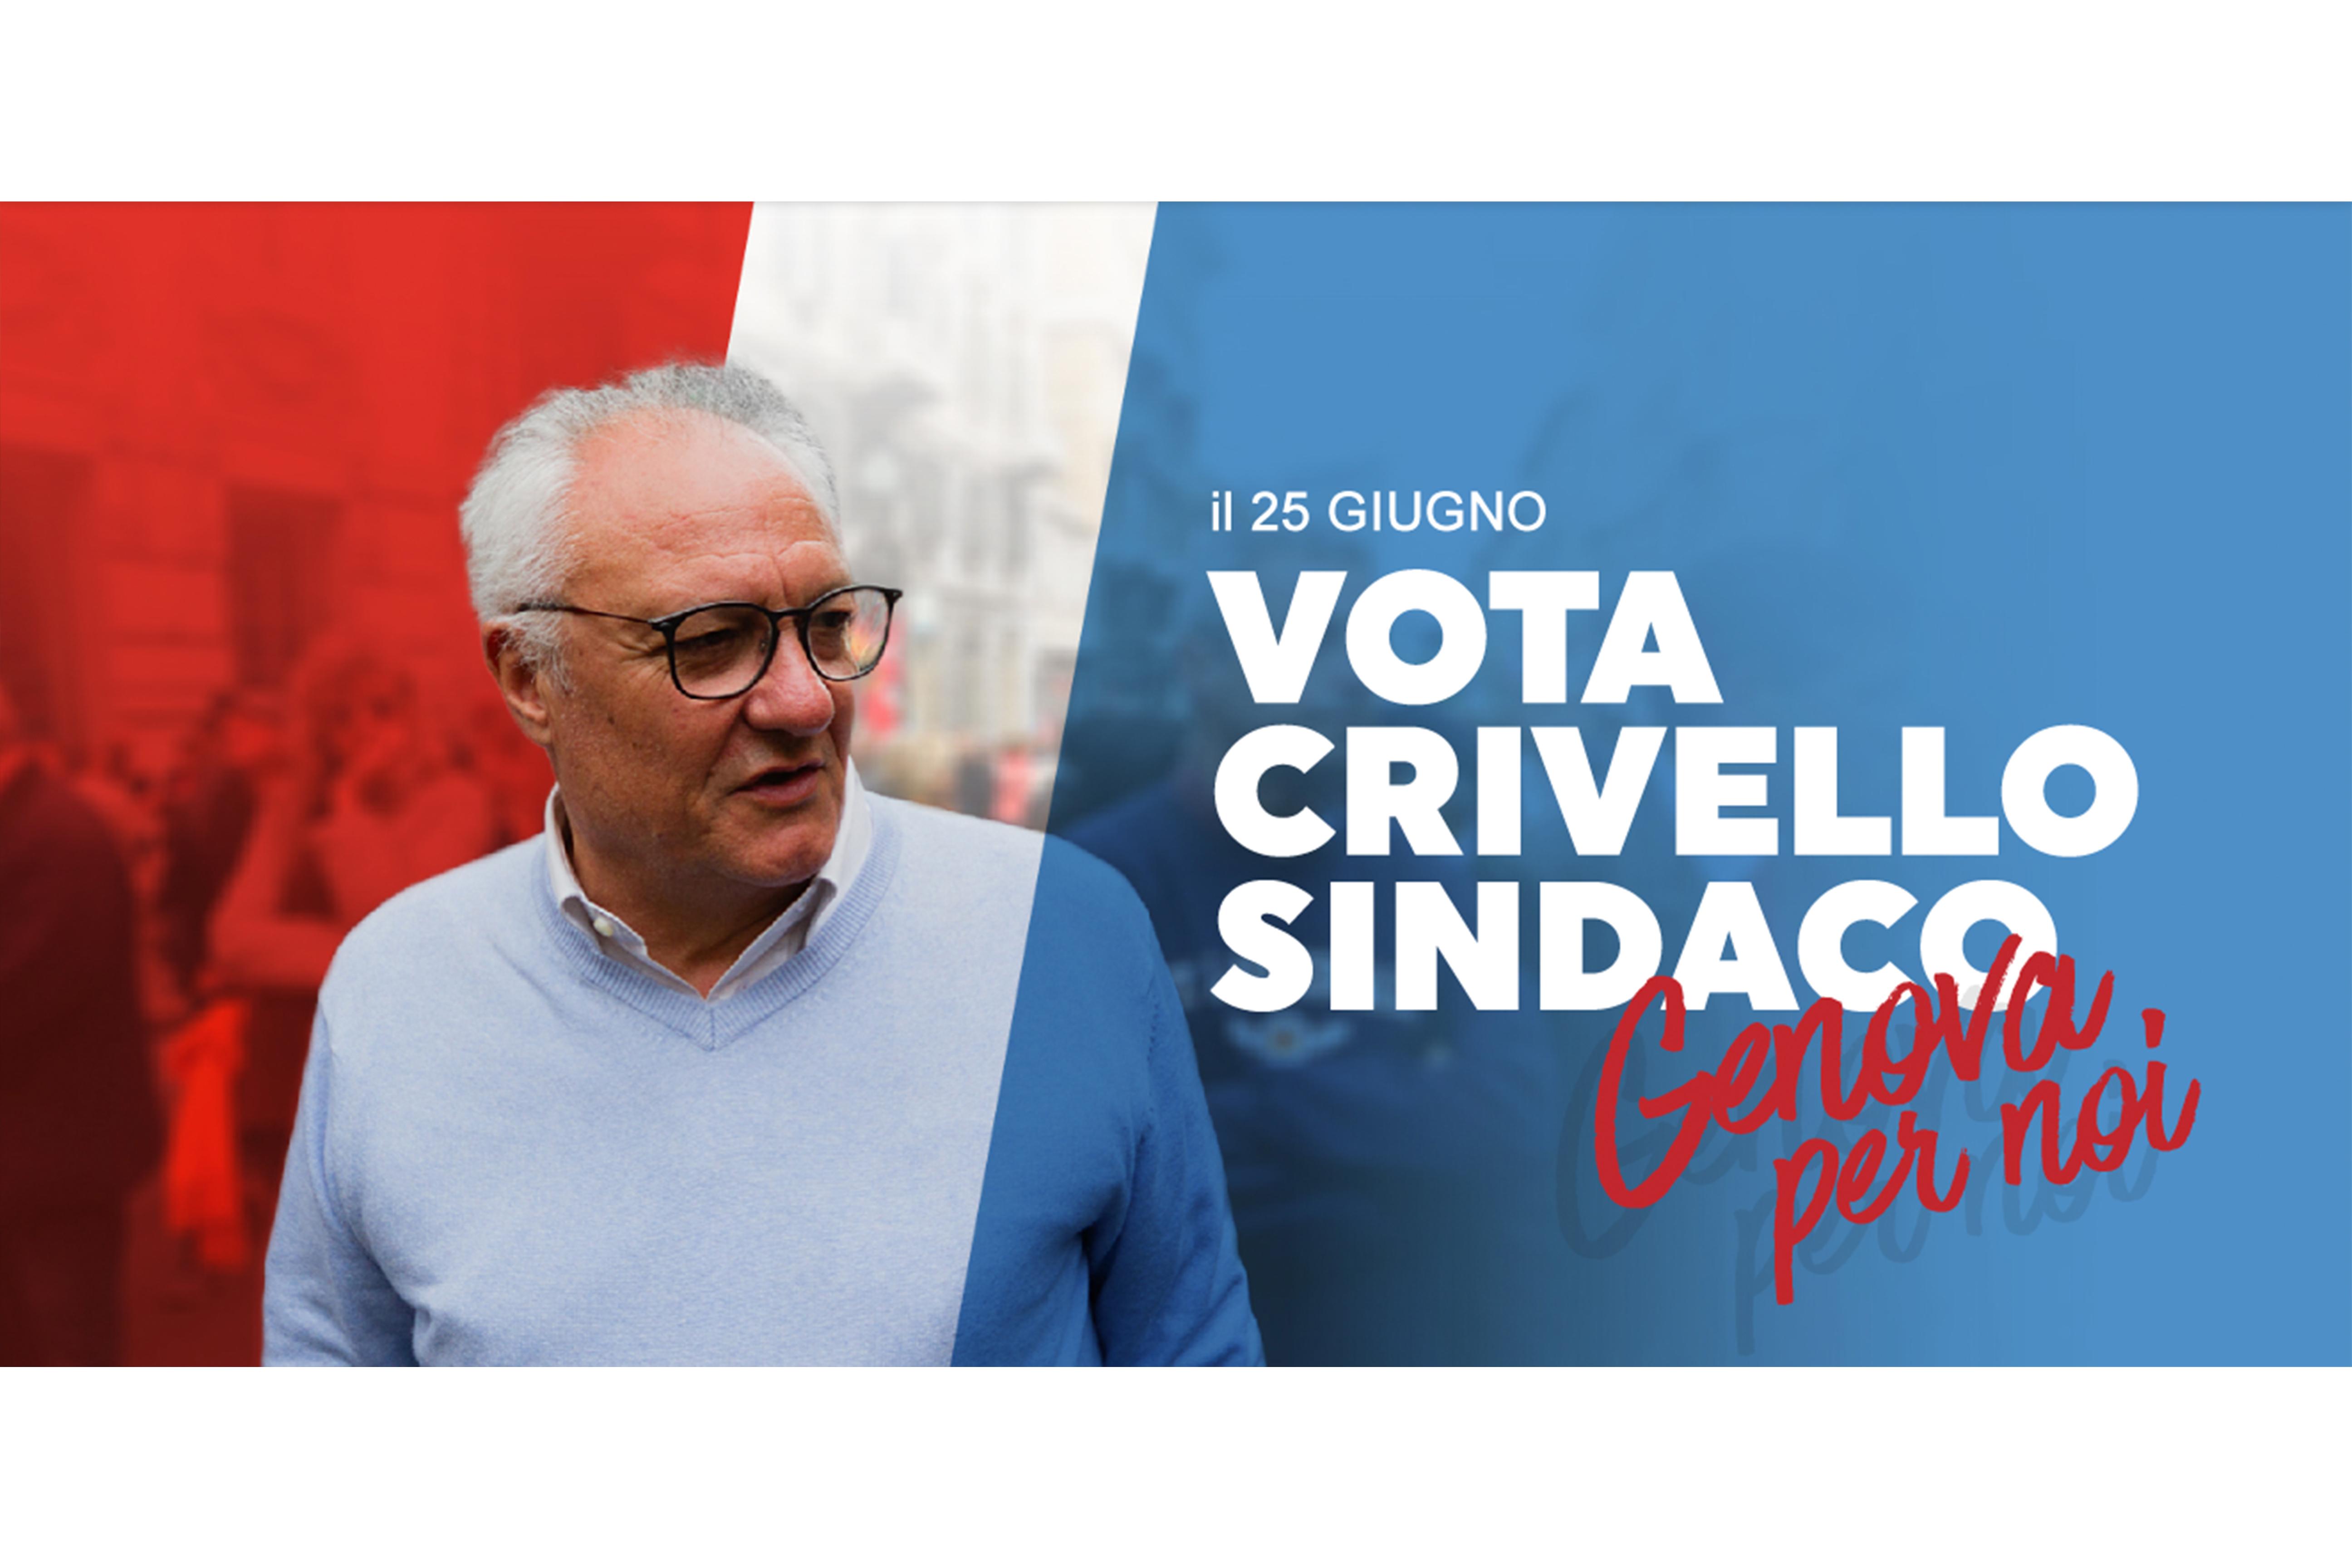 crivello_poster